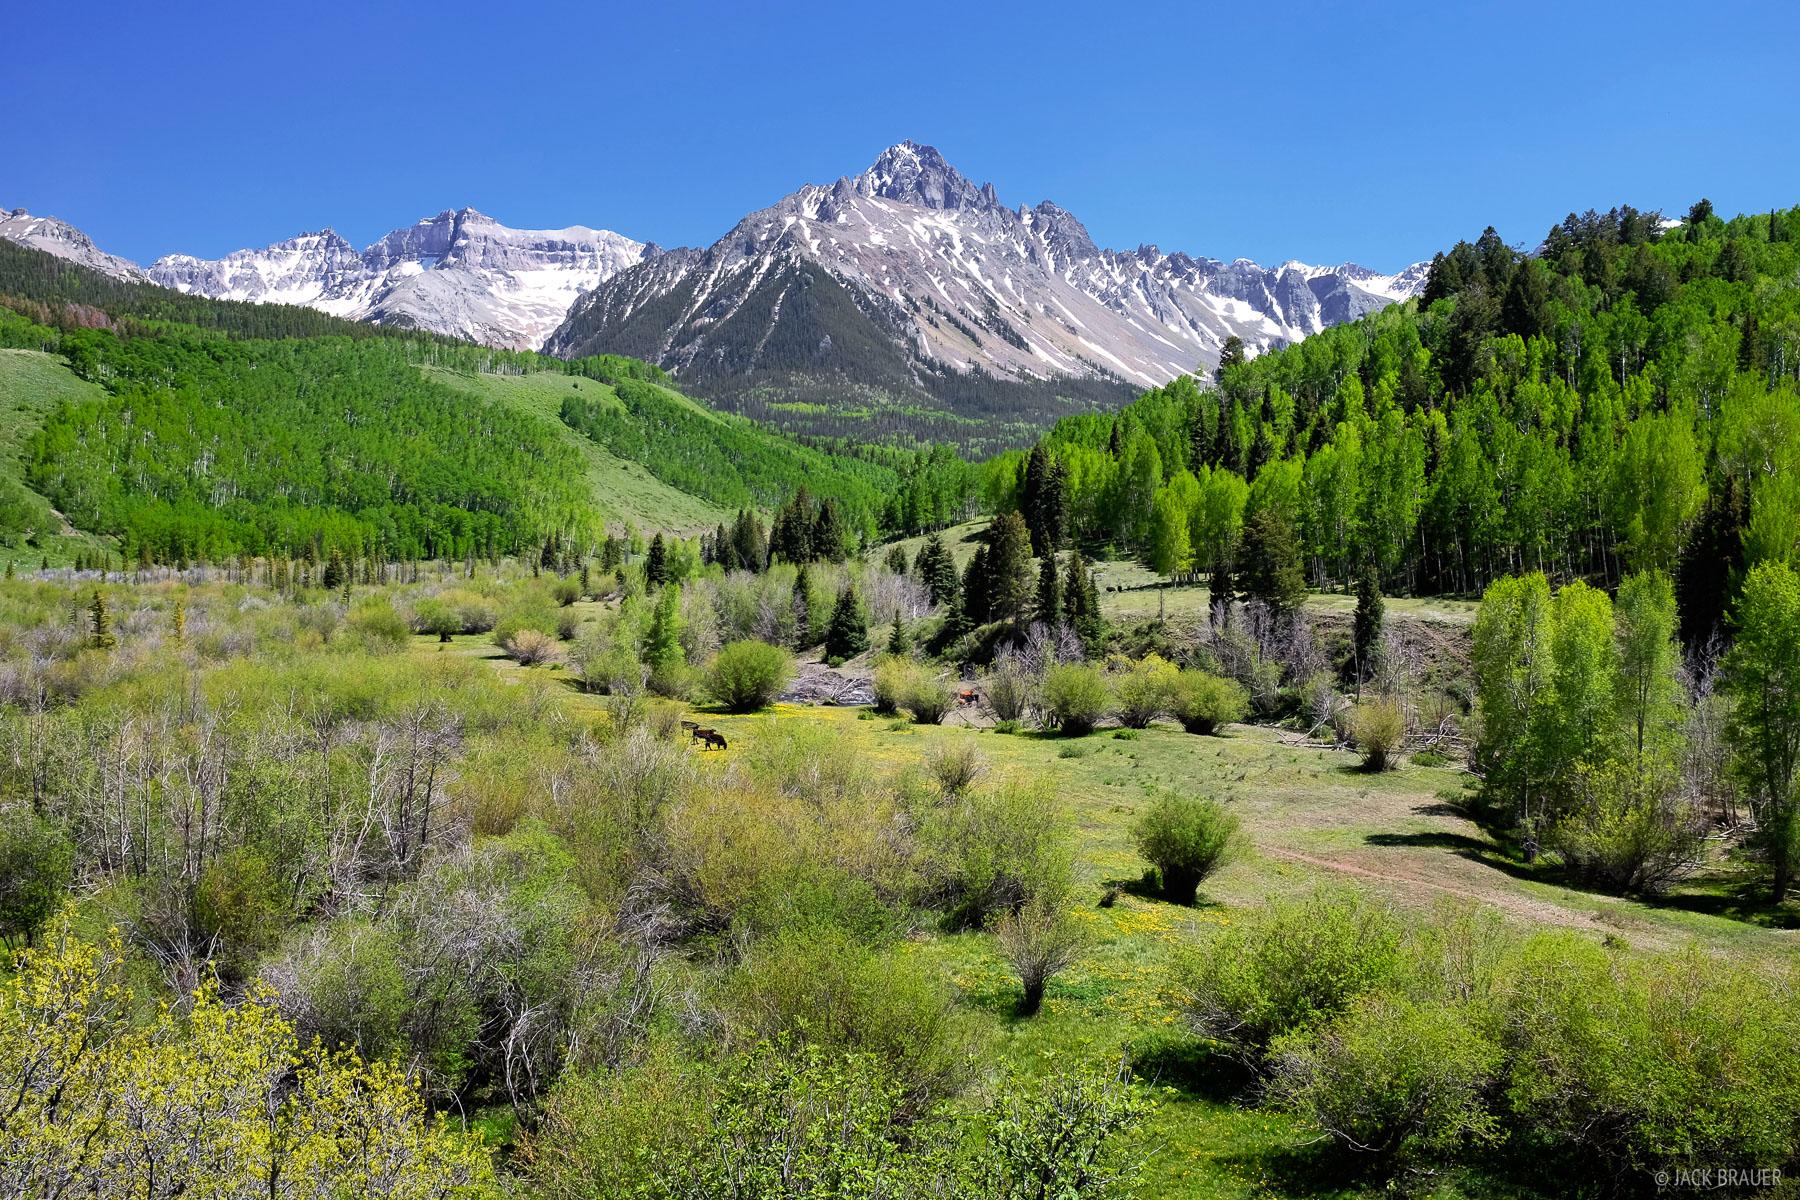 Mt. Sneffels, San Juan Mountains, spring, June, green, CR7, photo